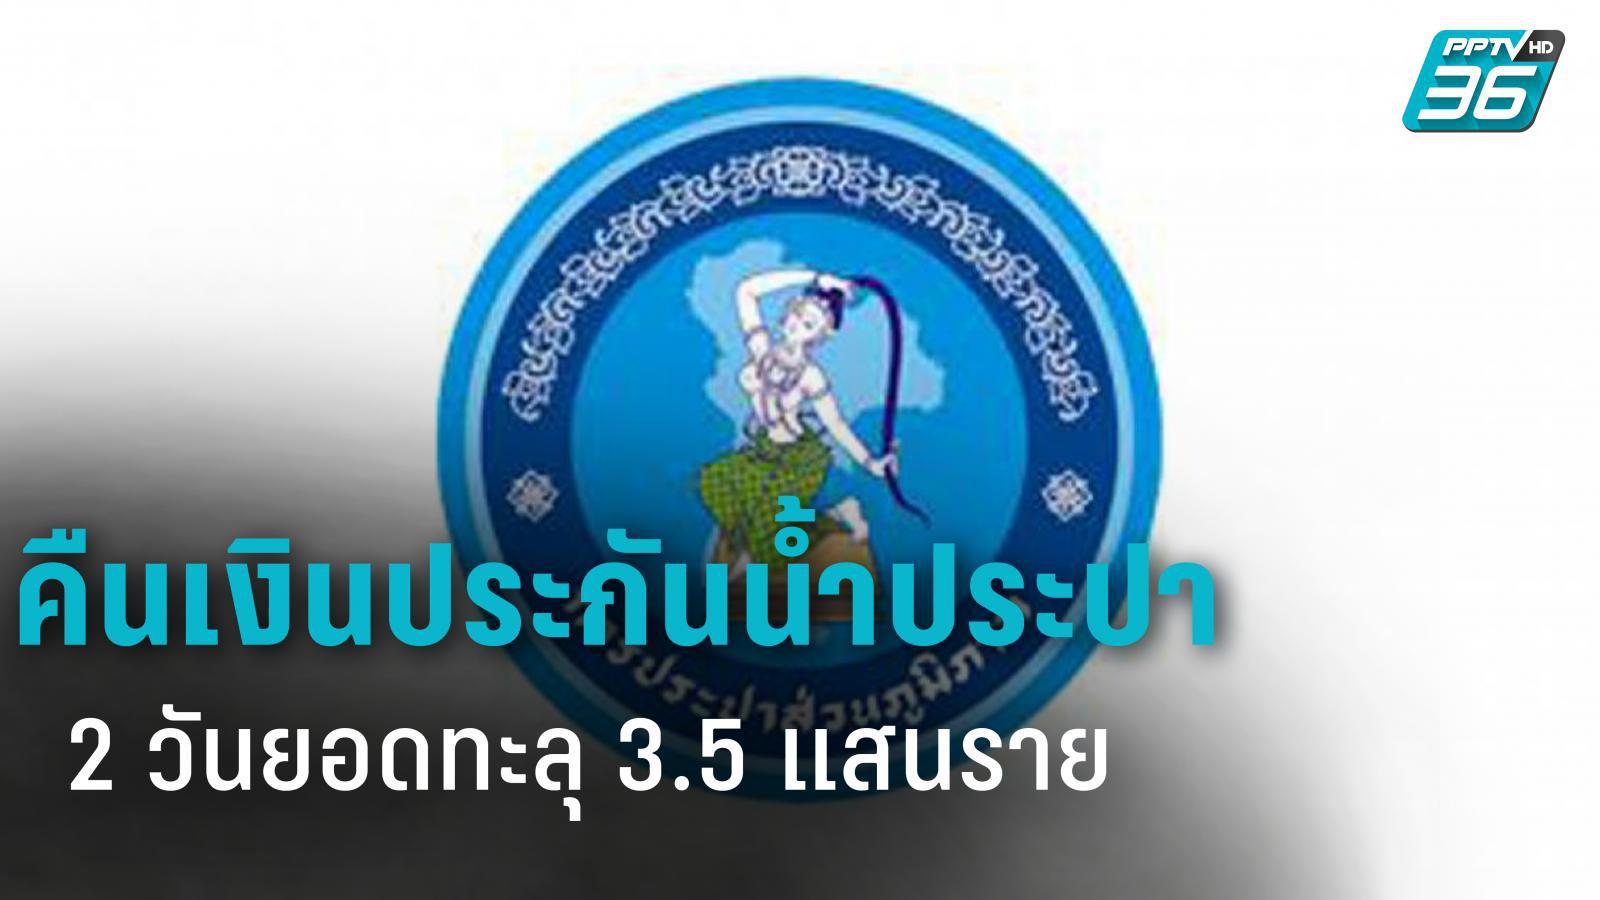 2 วันยอดลงทะเบียน คืนเงินประกันน้ำประปา ผ่าน www.pwa.co.th ทะลุ 3.5 แสนราย